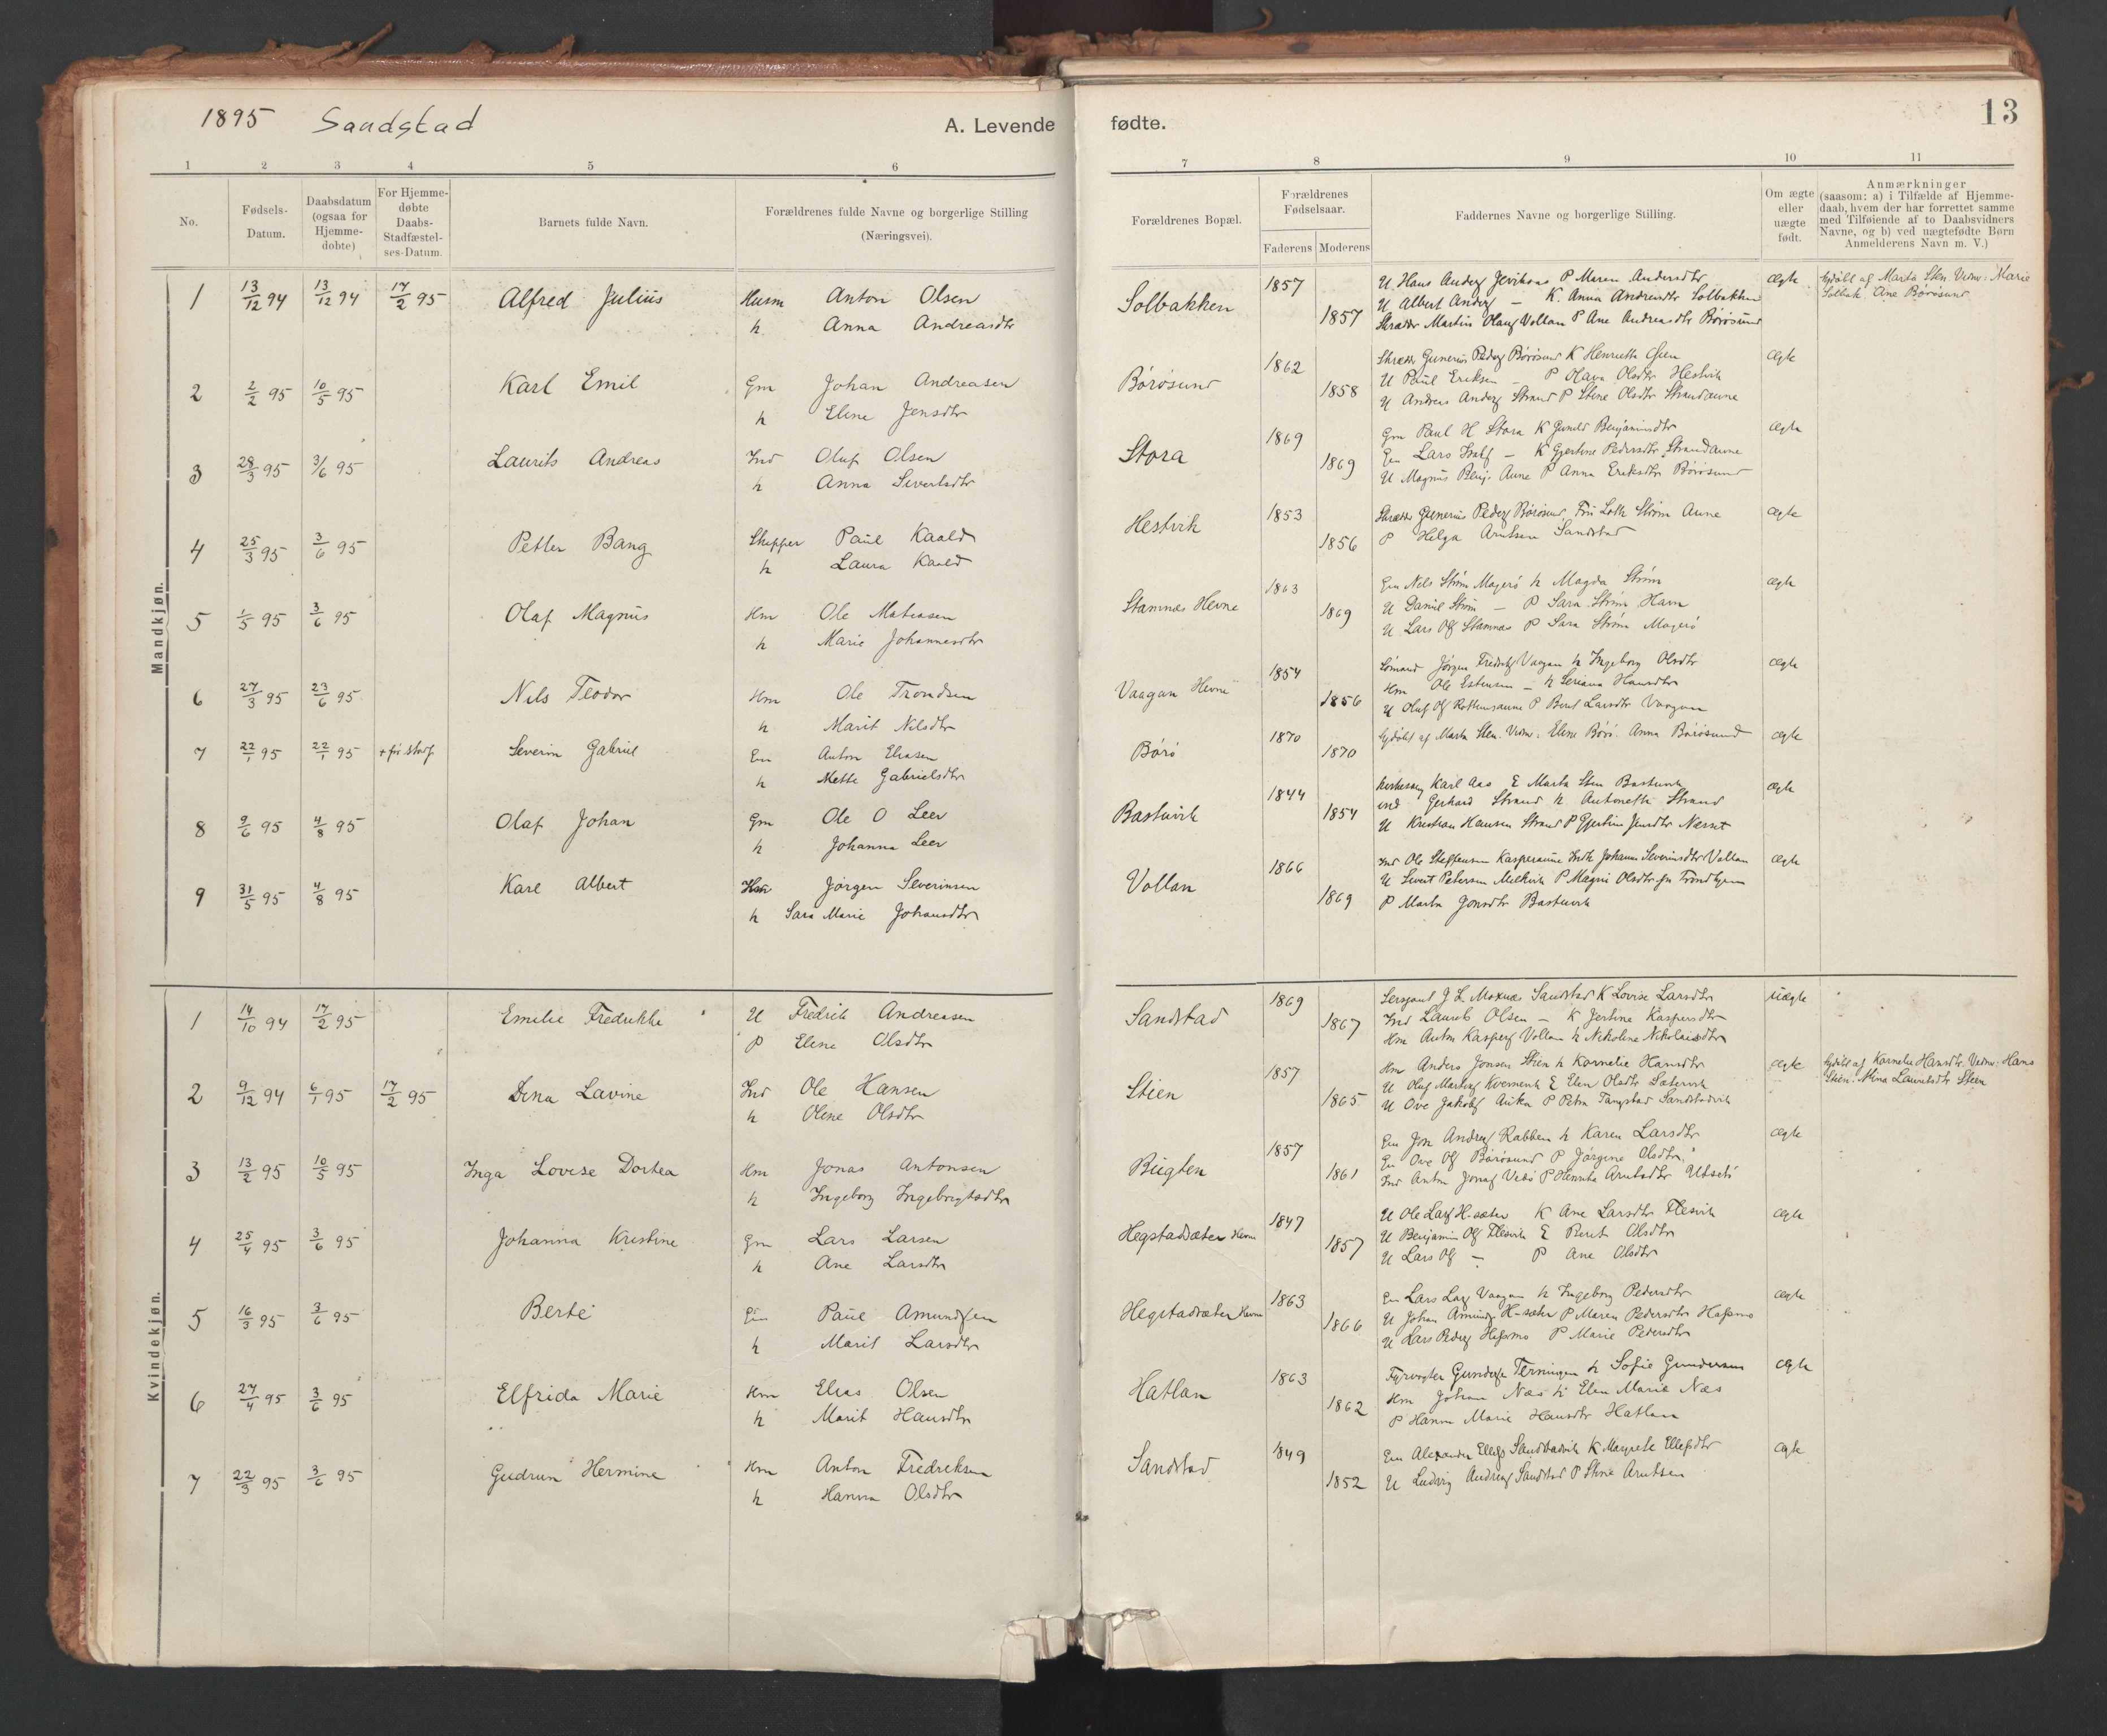 SAT, Ministerialprotokoller, klokkerbøker og fødselsregistre - Sør-Trøndelag, 639/L0572: Ministerialbok nr. 639A01, 1890-1920, s. 13